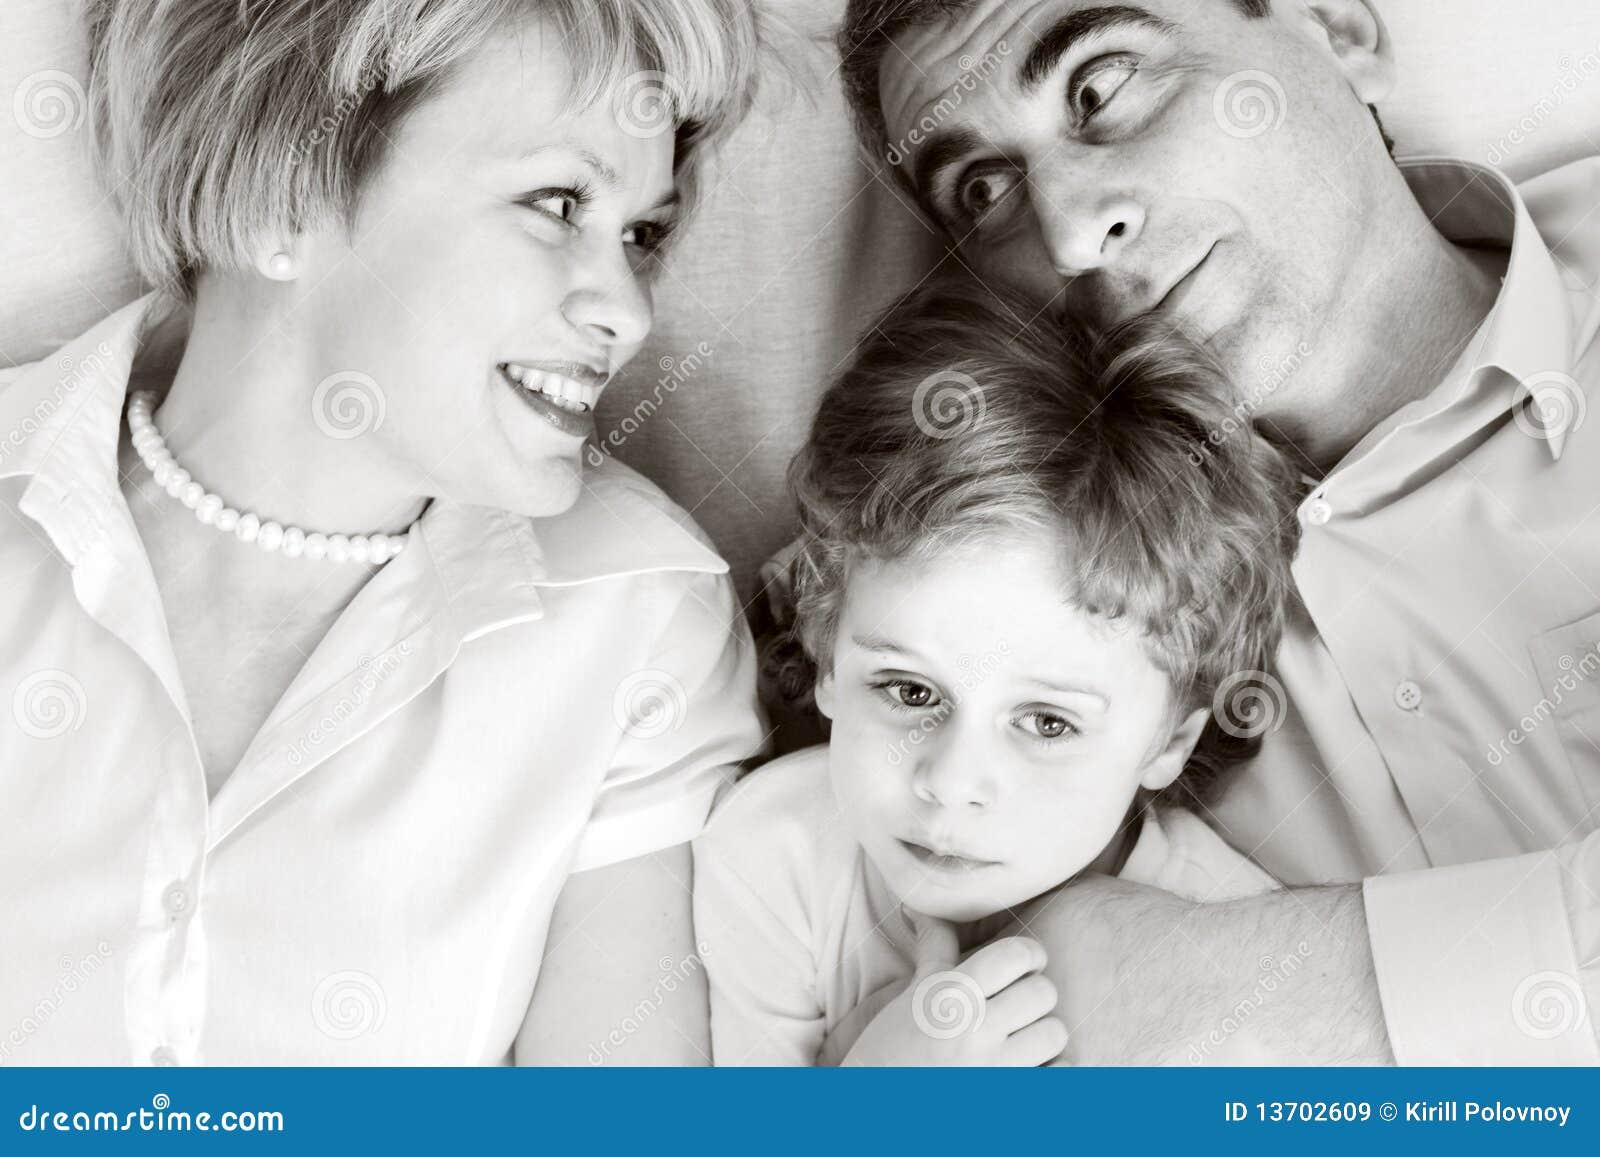 Сын и отец мать 13 фотография